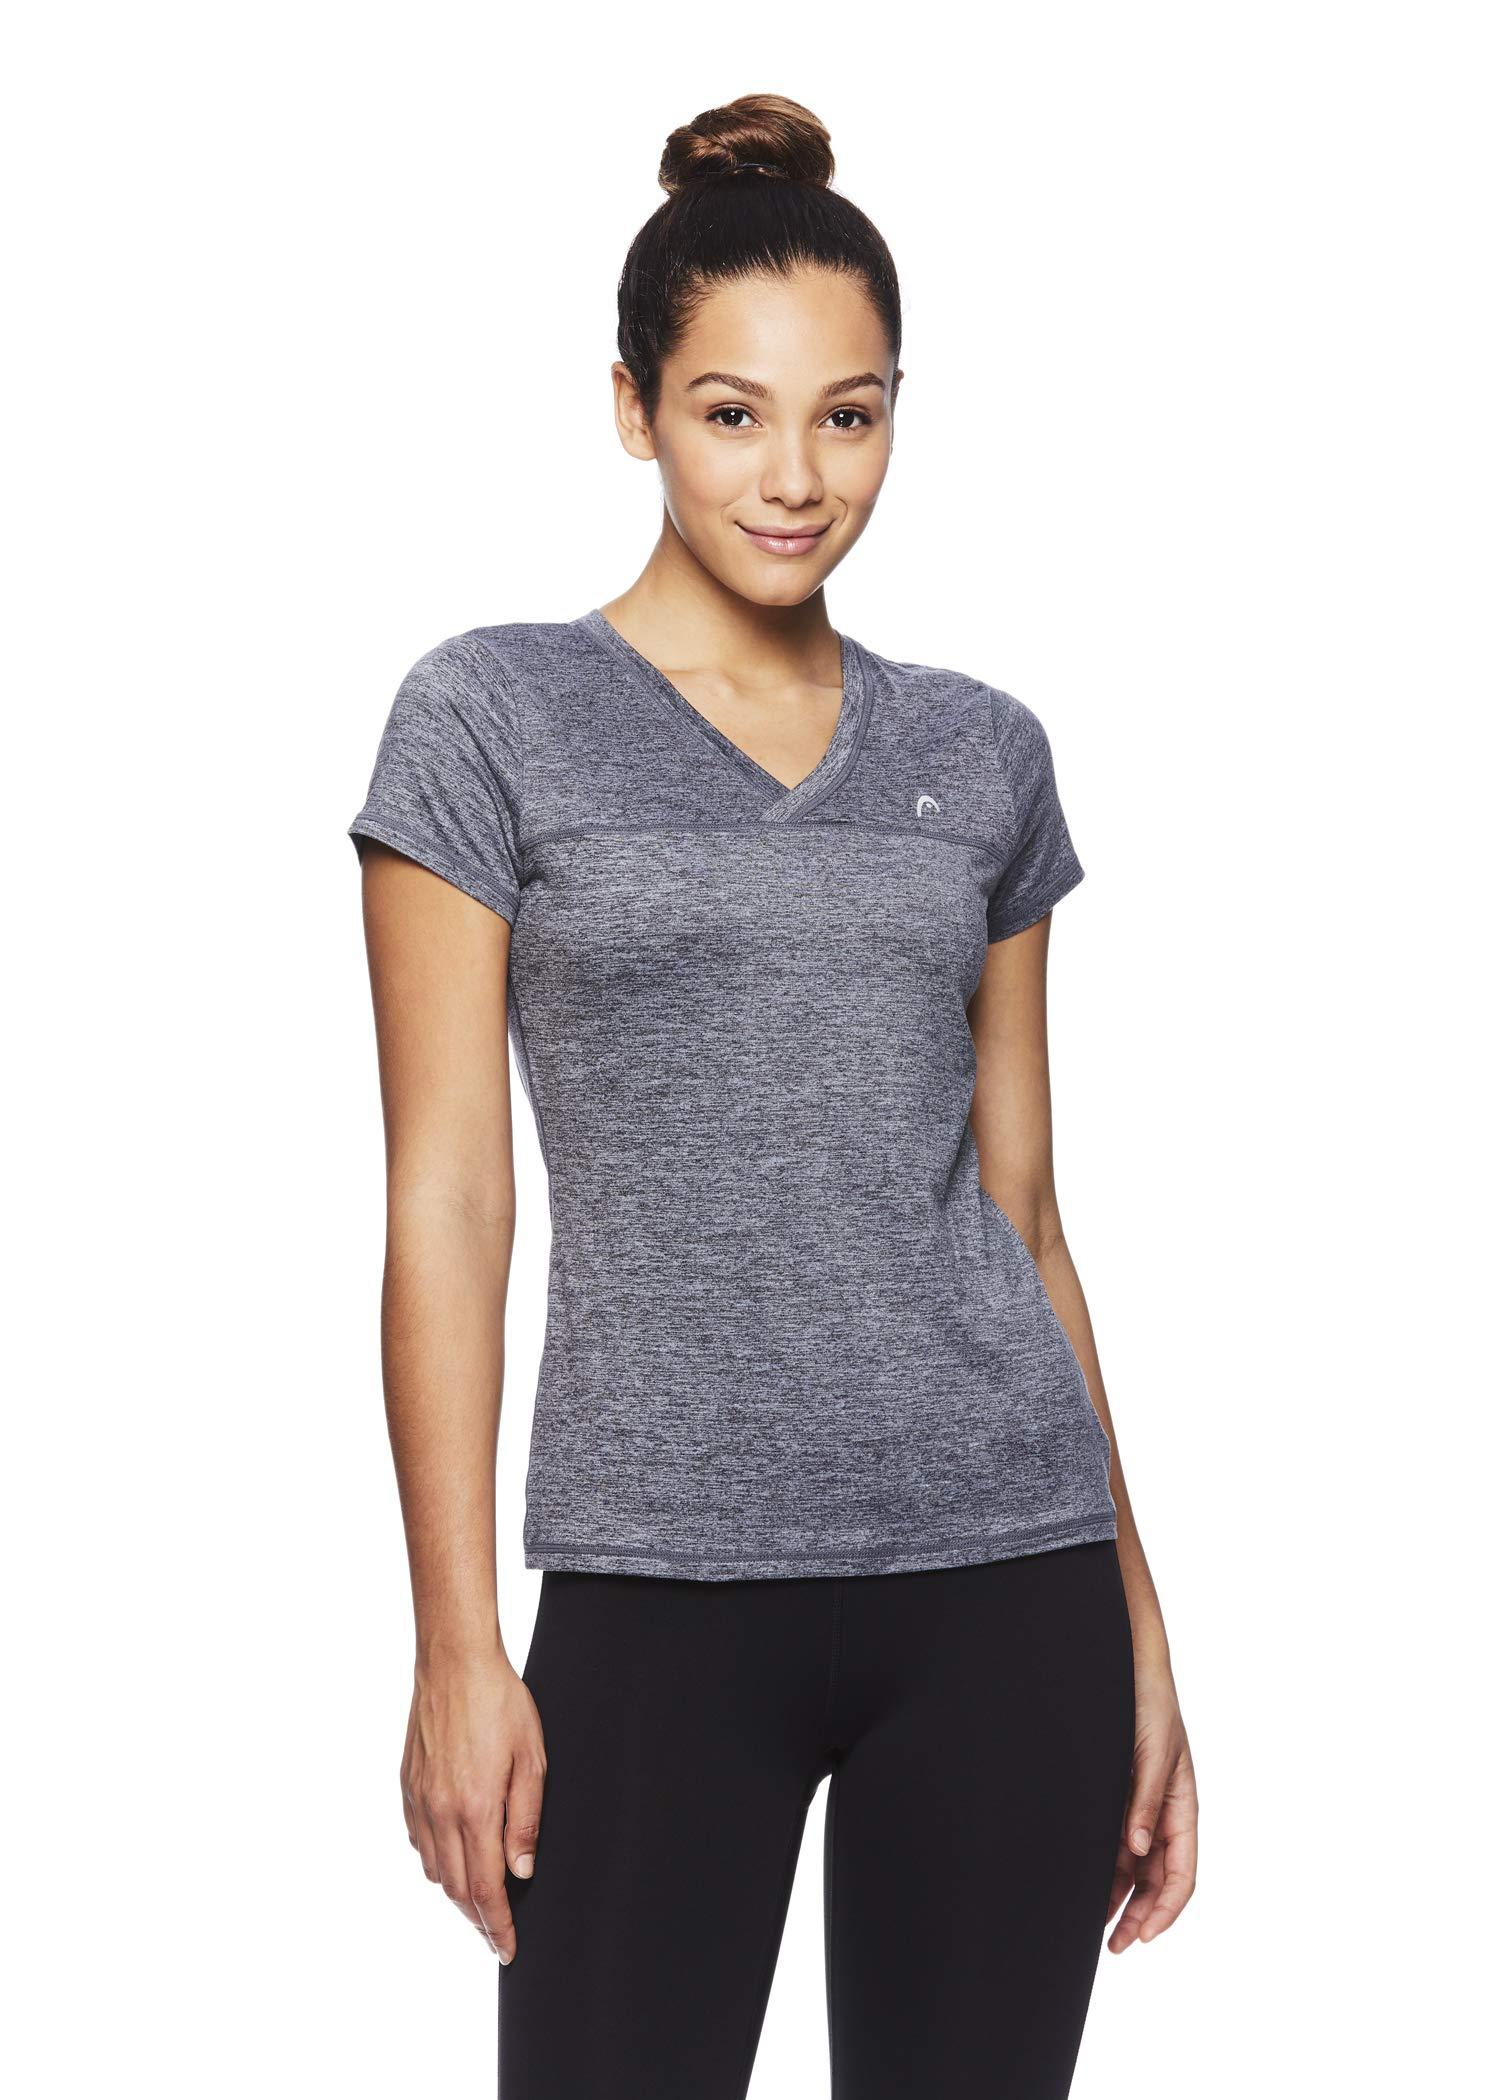 HEAD Women's High Jump Short Sleeve Workout T-Shirt - Performance V-Neck Activewear Top - Medium Grey Heather High Jump, X-Small